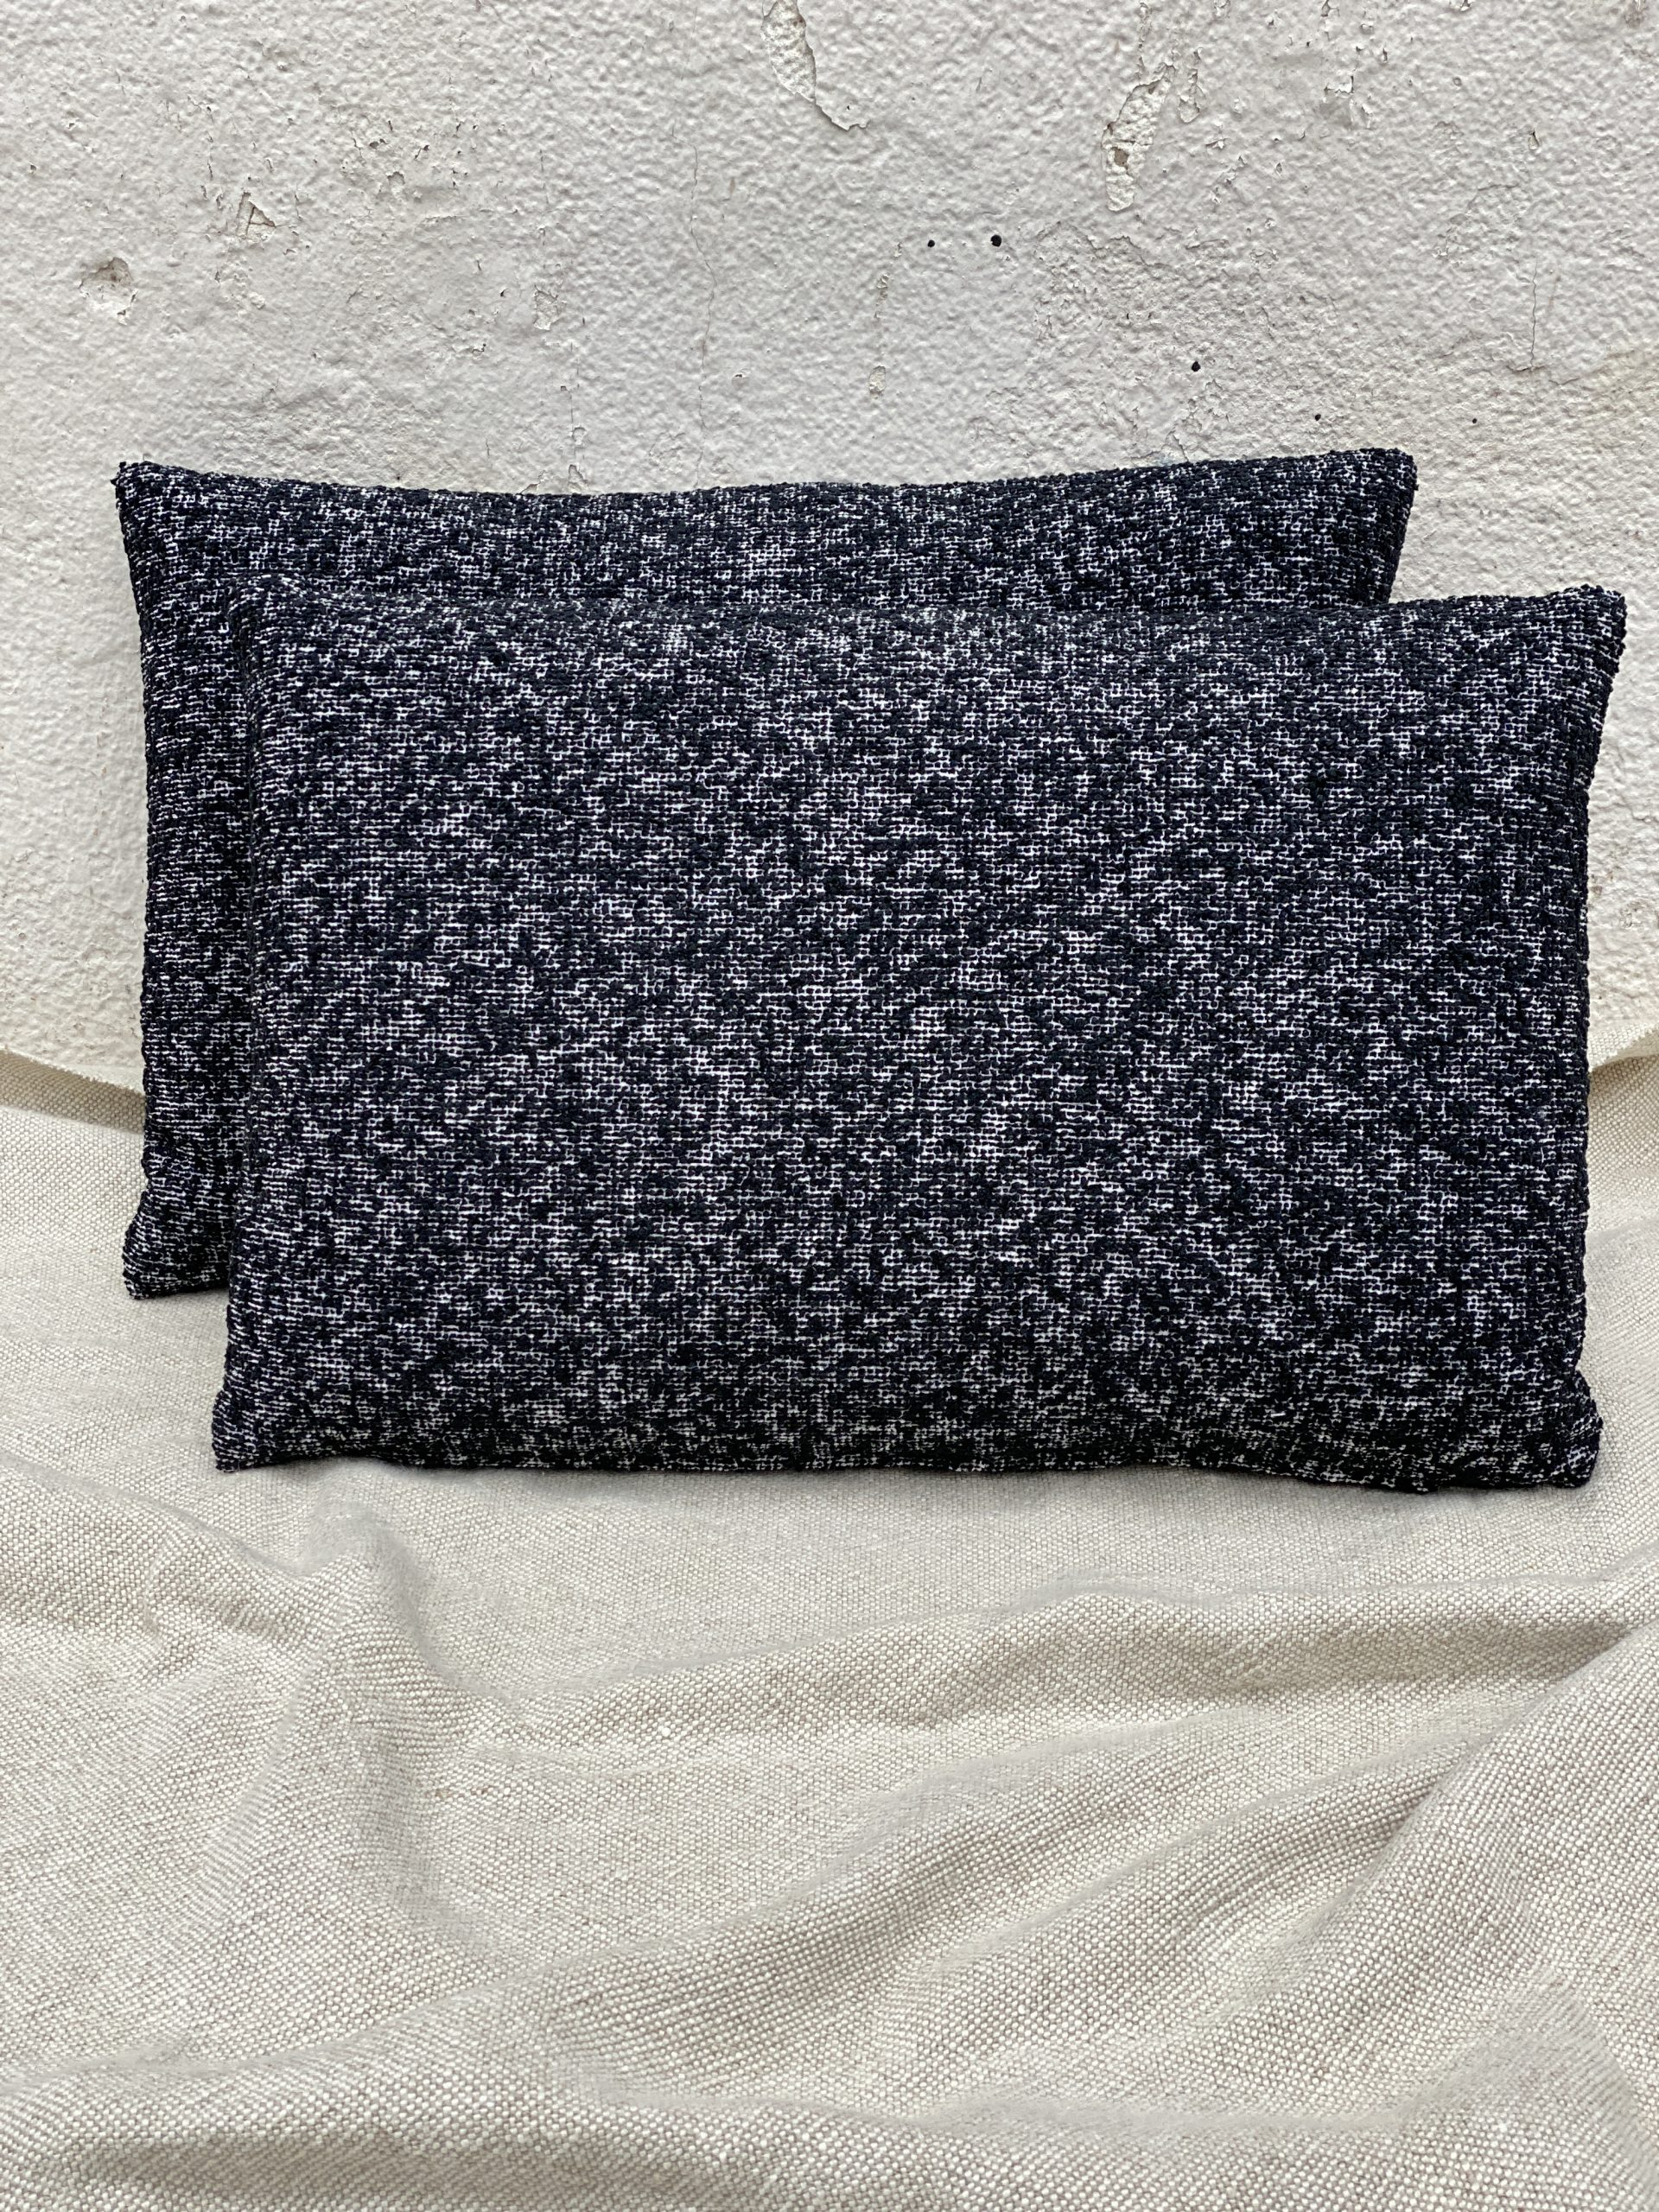 Kirkby Pillows